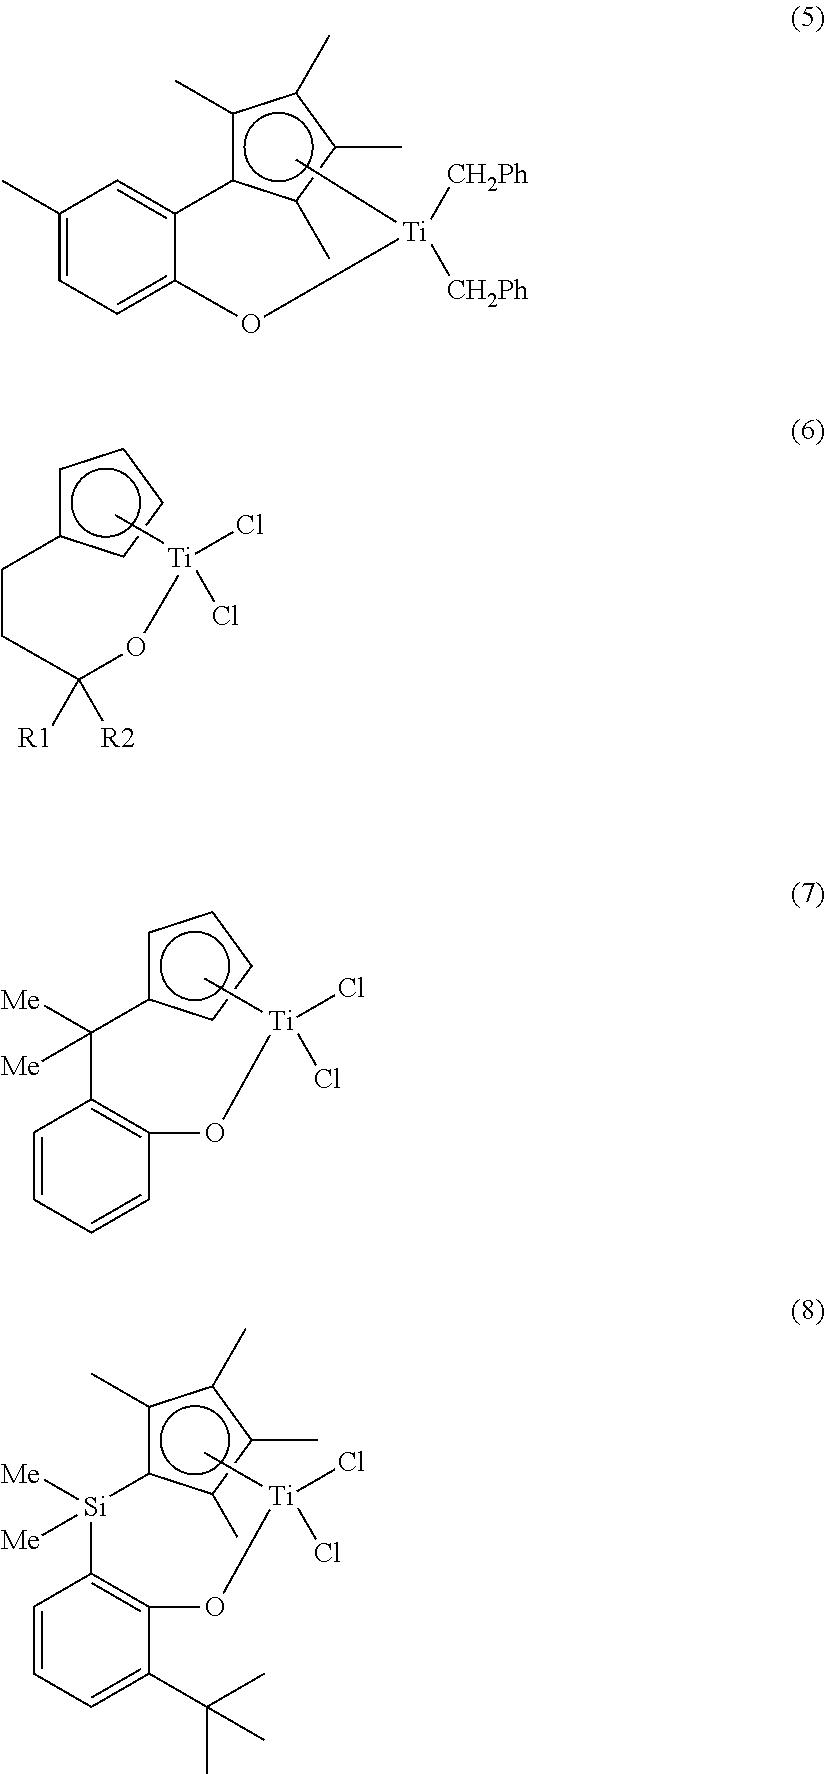 Figure US20110172451A1-20110714-C00002